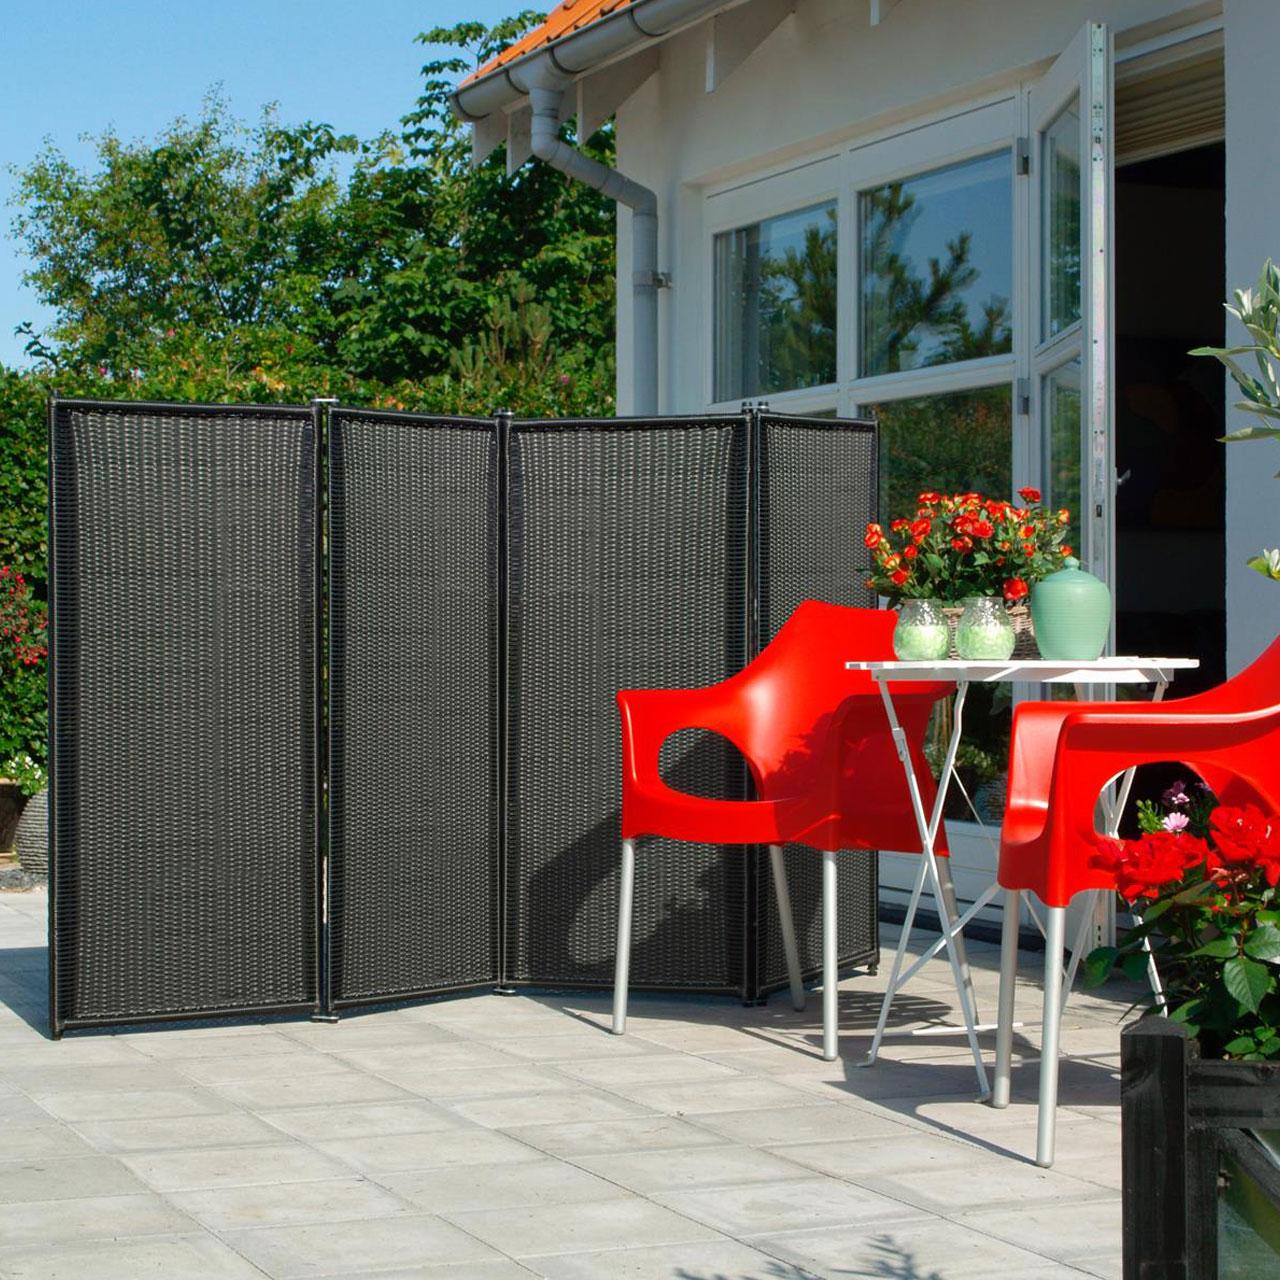 Full Size of Paravent Balkon Trend 4 Teilig Garten Wohnzimmer Paravent Balkon